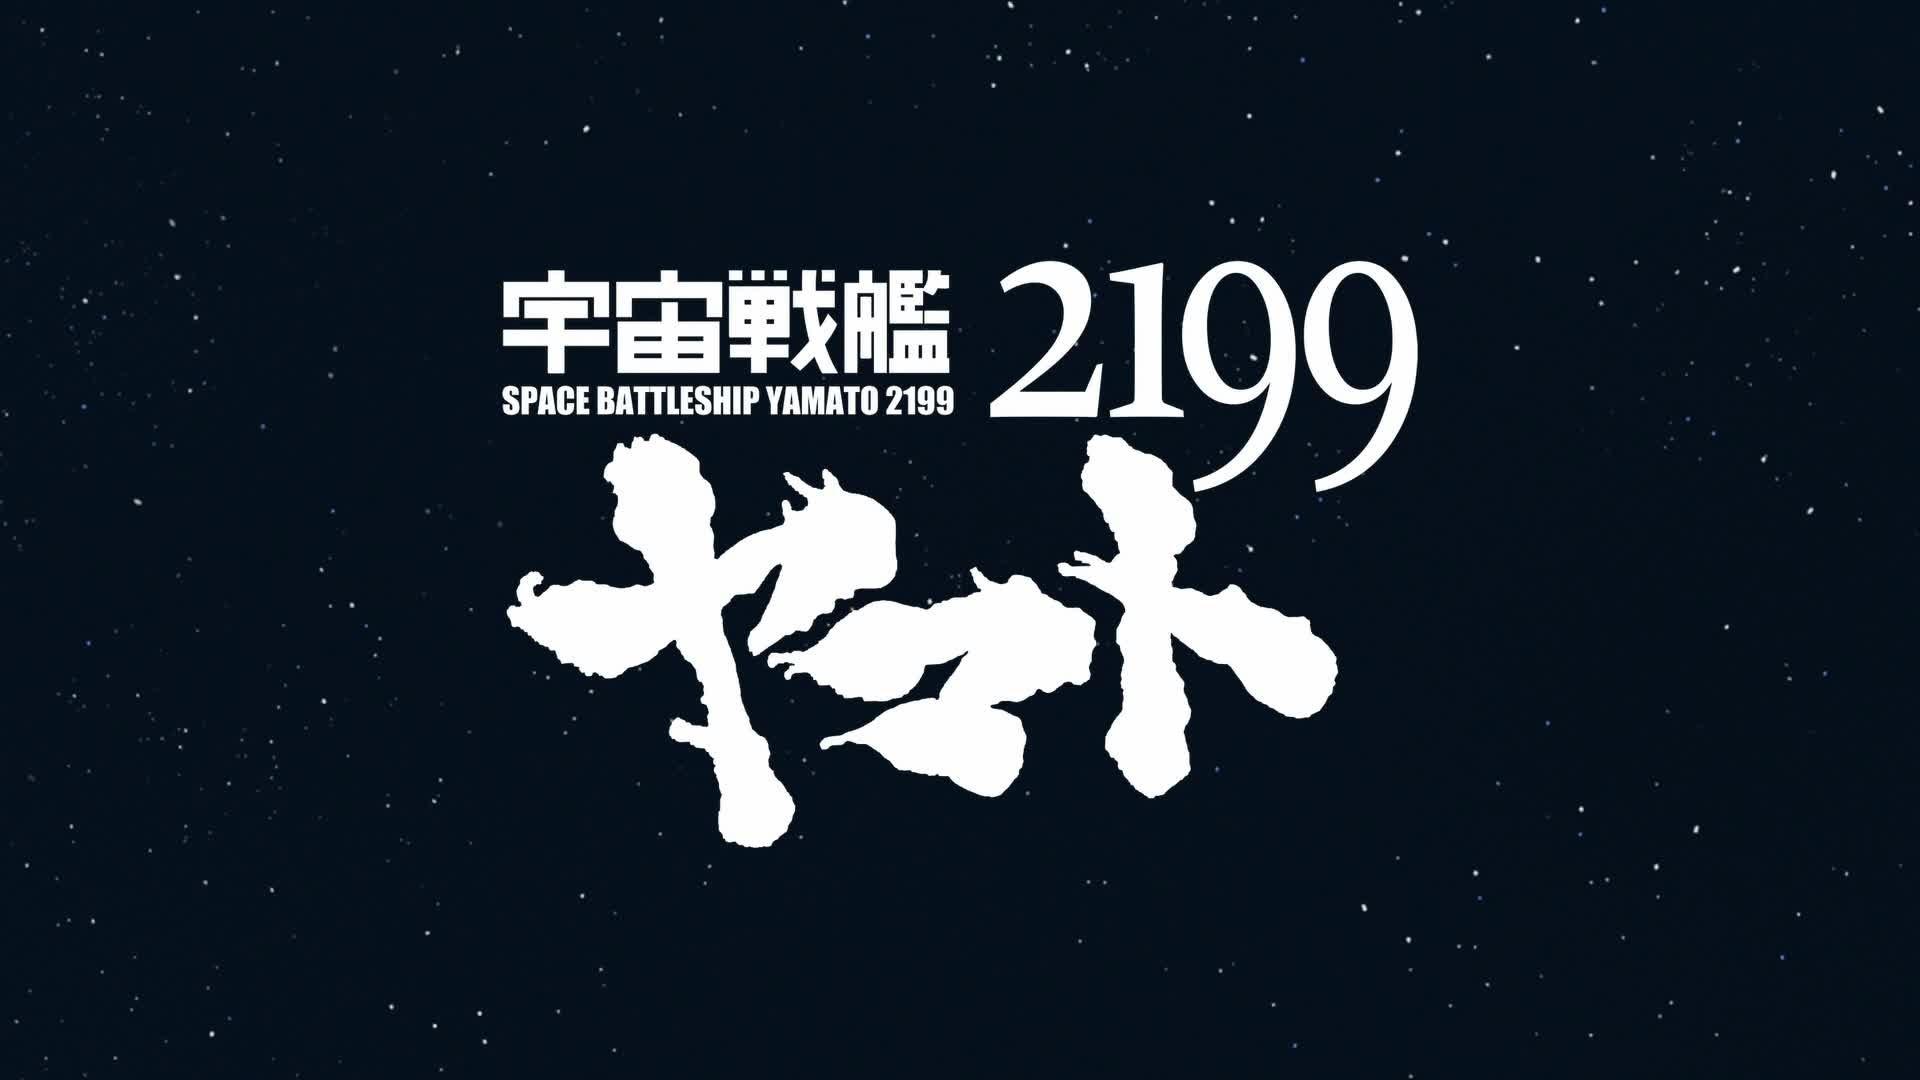 アイデアビューロー 宇宙戦艦ヤマト2199 イスカンダルへの旅路